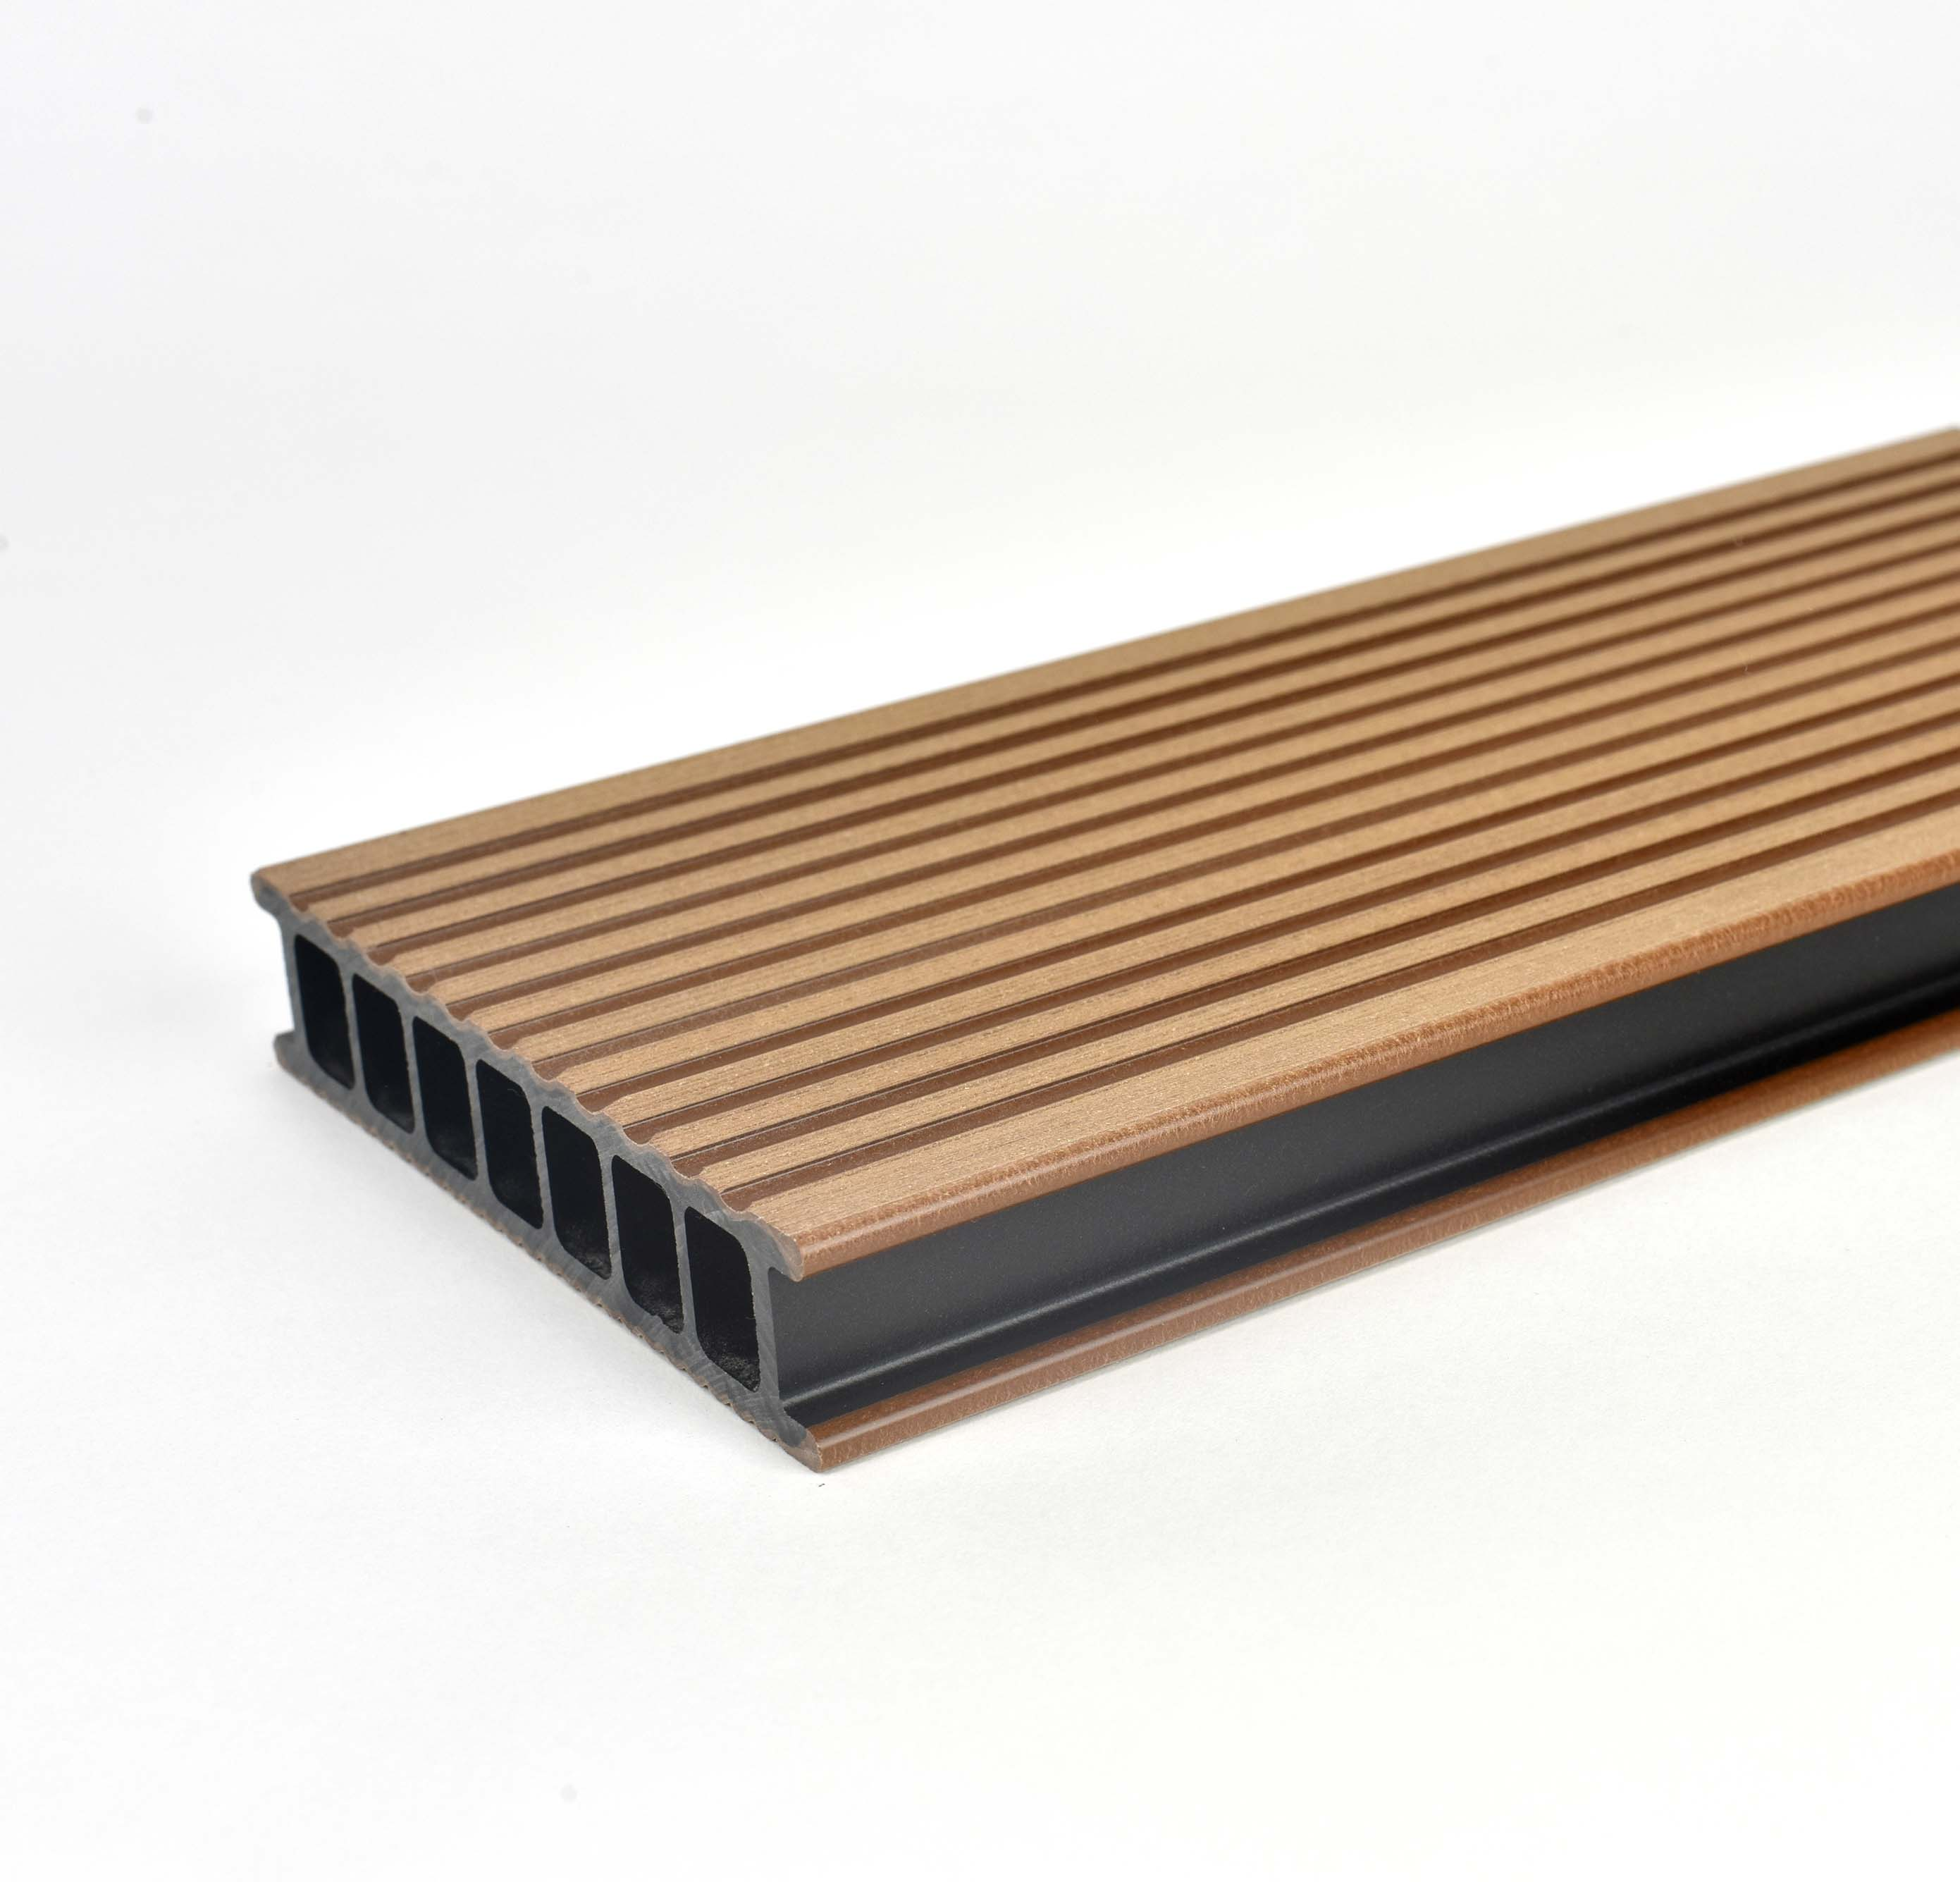 Prkno terasové dřevoplastové Twinson Terrace odstín vlašský ořech 140x28×4000 mm